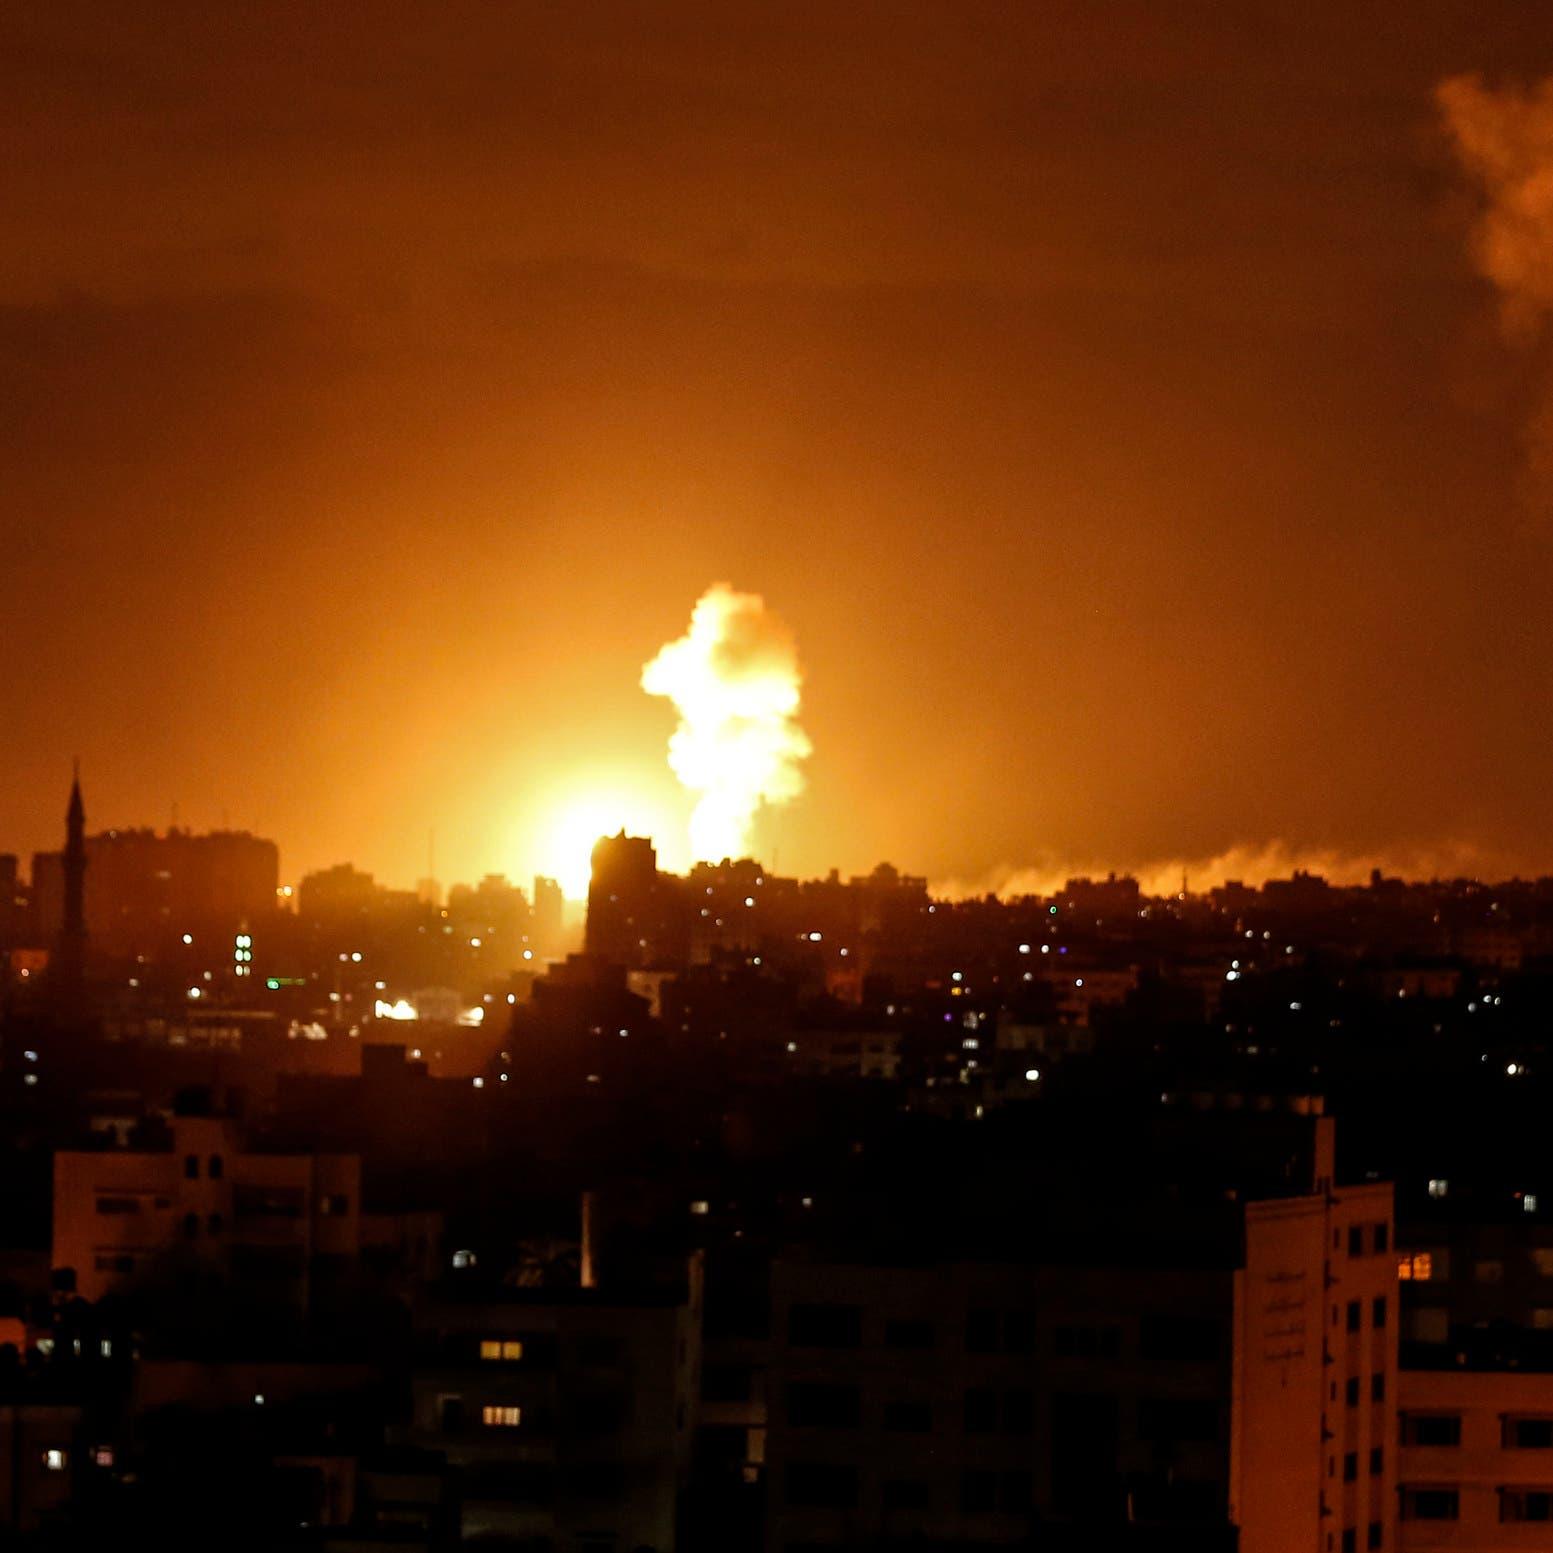 إسرائيل تستعد لشن حرب على غزة.. وتتهم